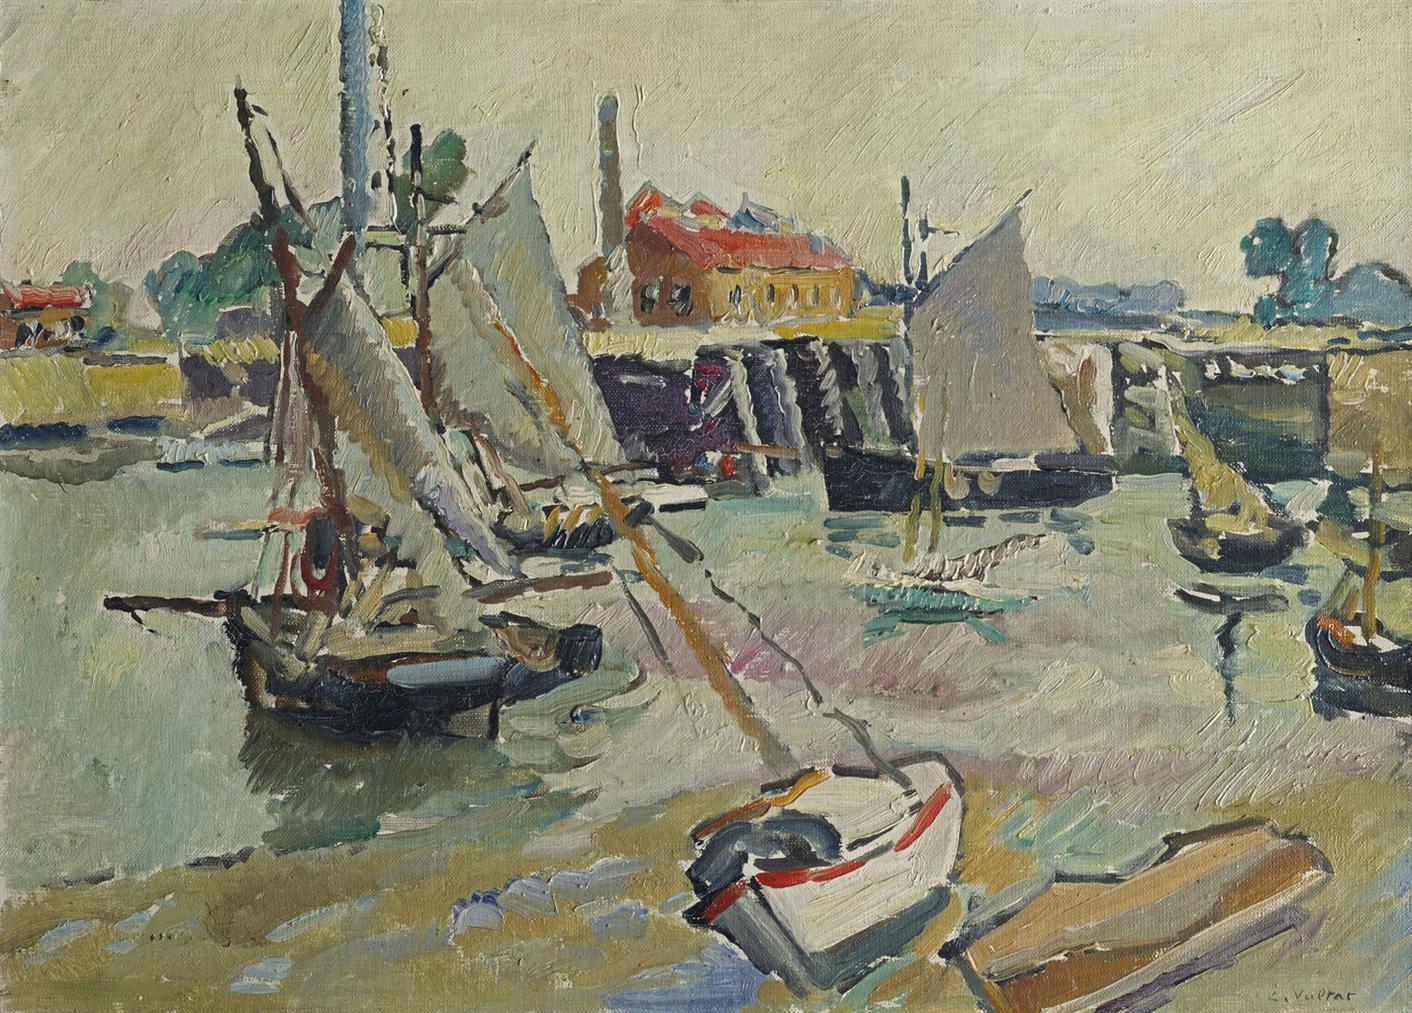 Louis Valtat-Voiliers Au Port A Maree Basse, Ouistreham-1927